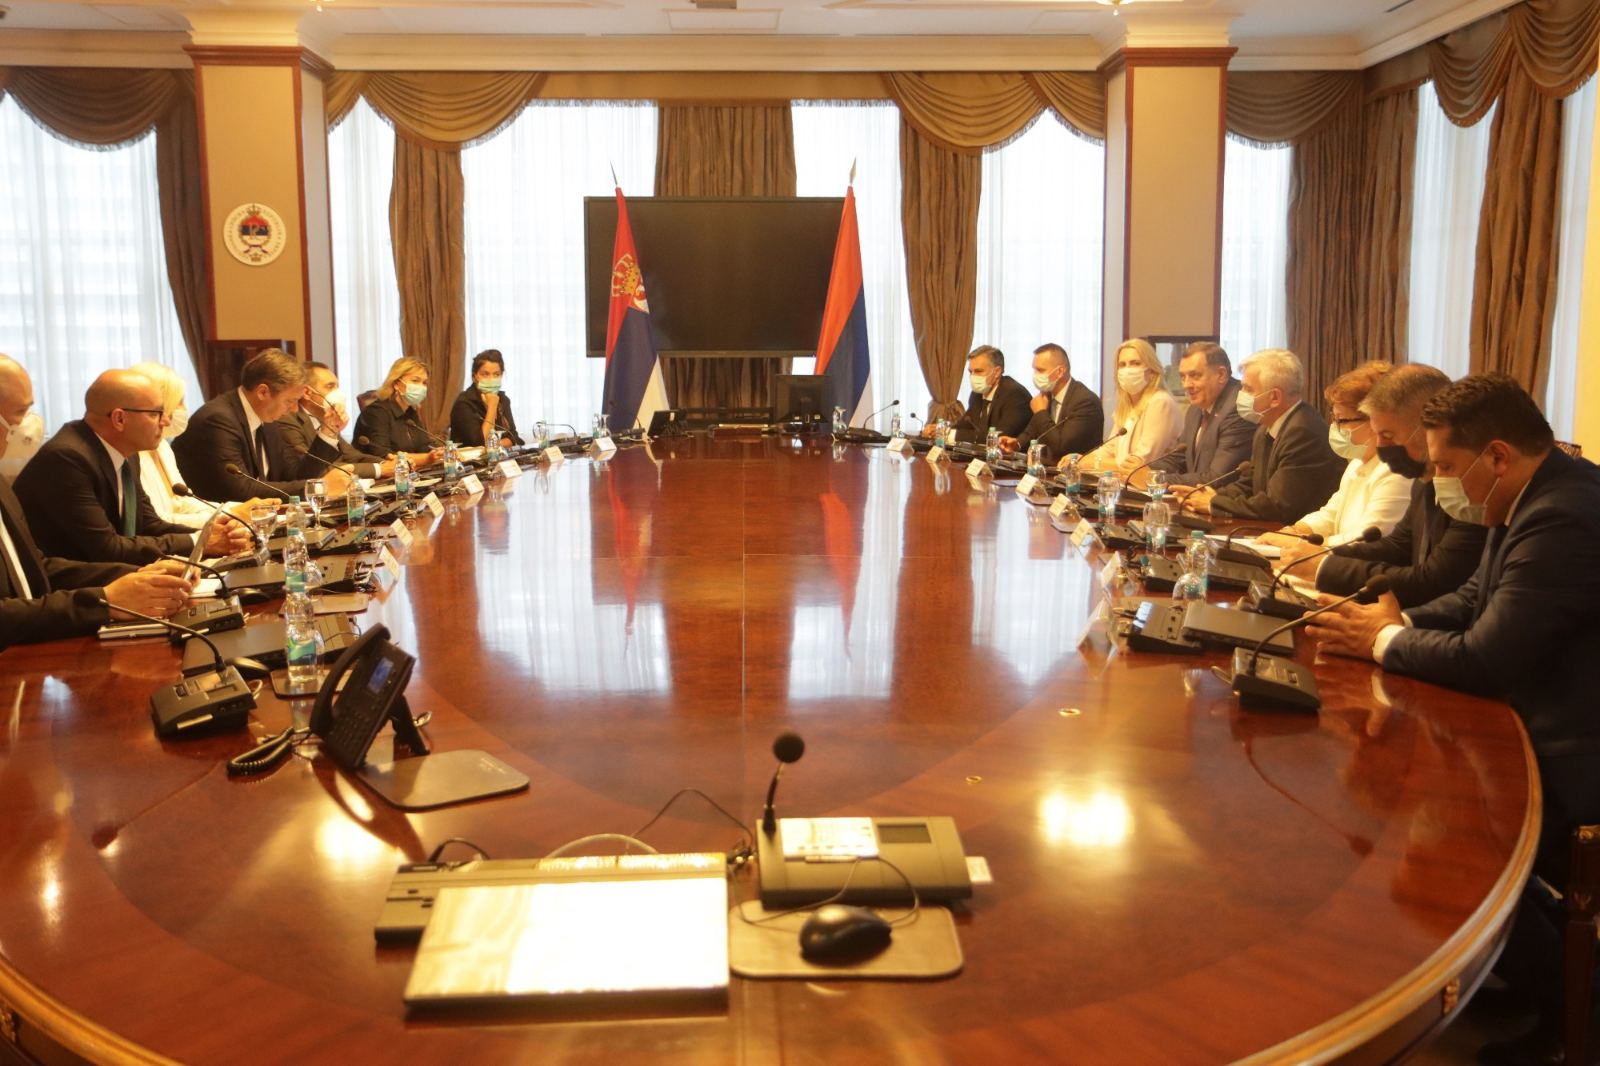 Β-Ε: Αποσχιστικά μηνύματα Dodik με αφορμή την επίσκεψη Vučić στην Μπάνια Λούκα